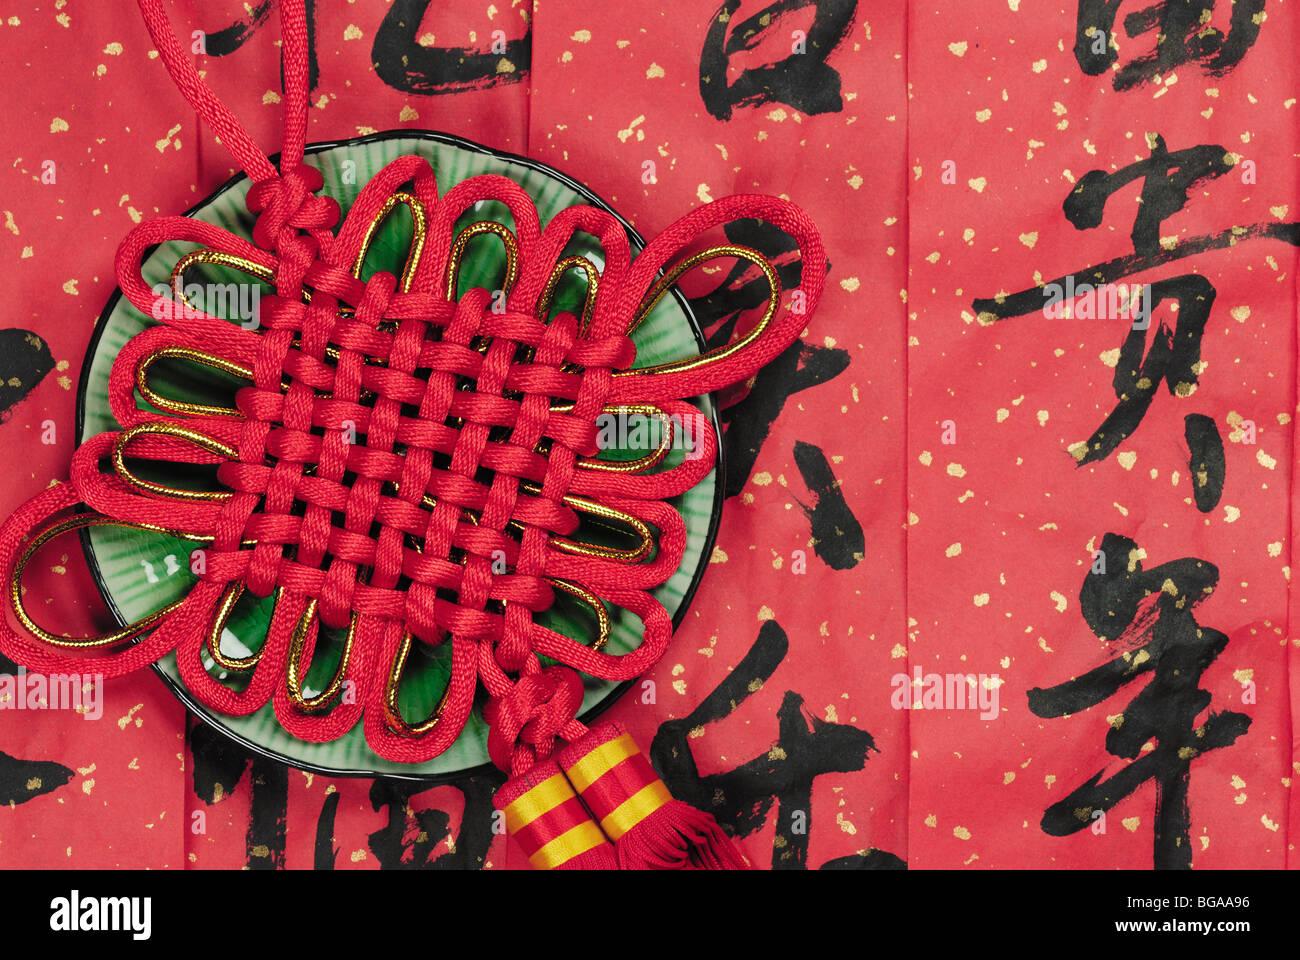 Wörter Auf Chinesisch Stockfotos & Wörter Auf Chinesisch Bilder - Alamy